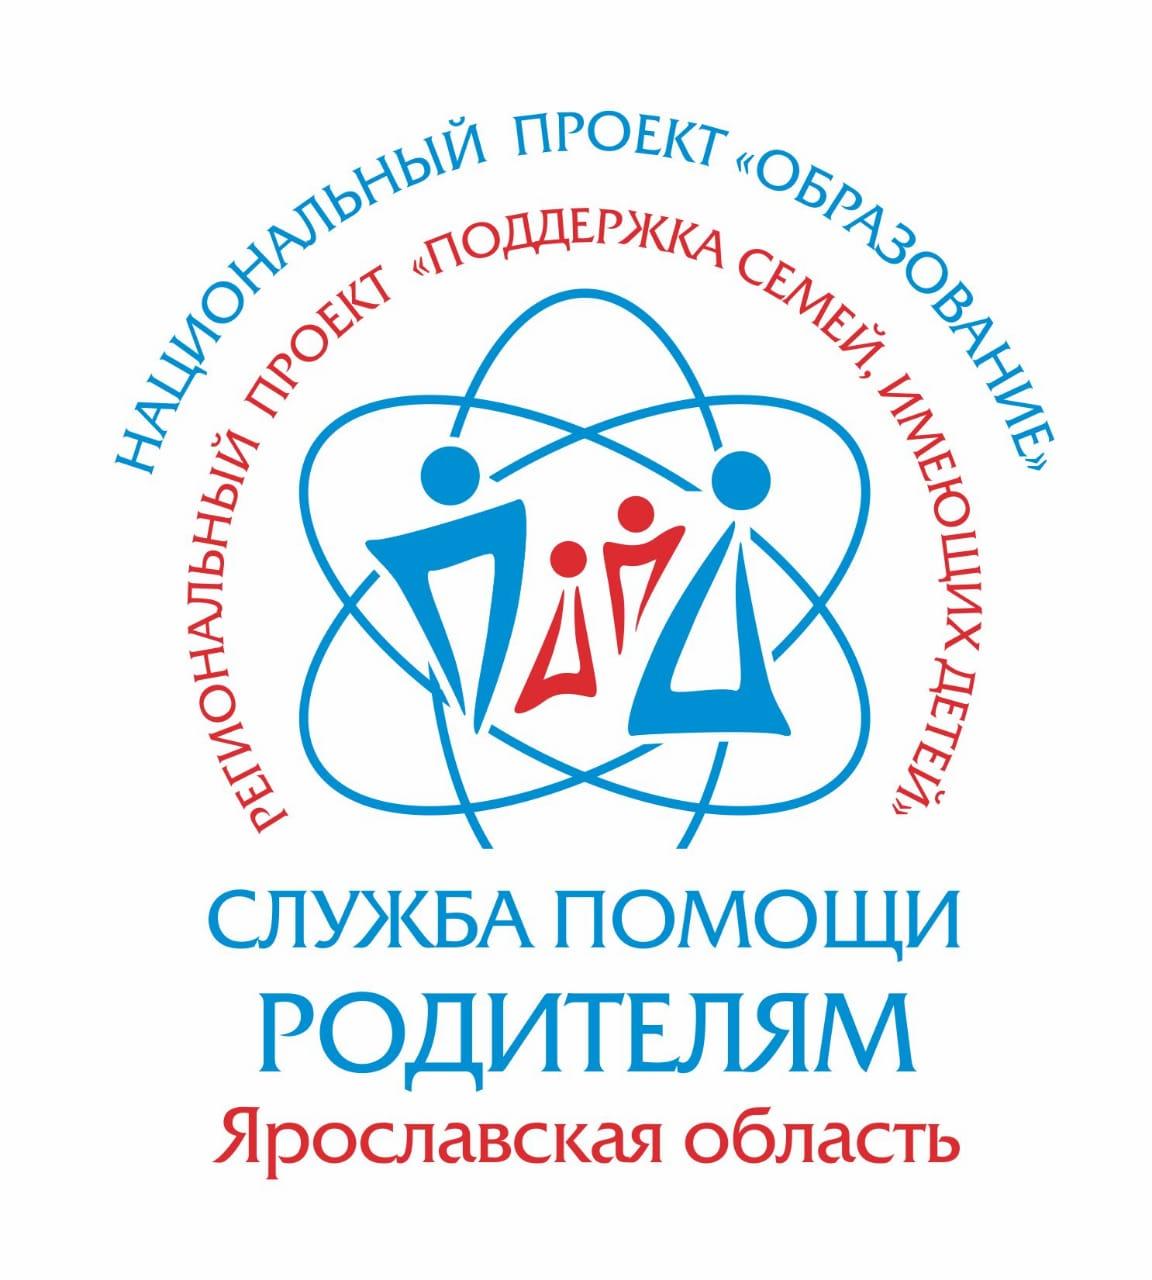 В Ярославской области заработала горячая линия Службы помощи родителям